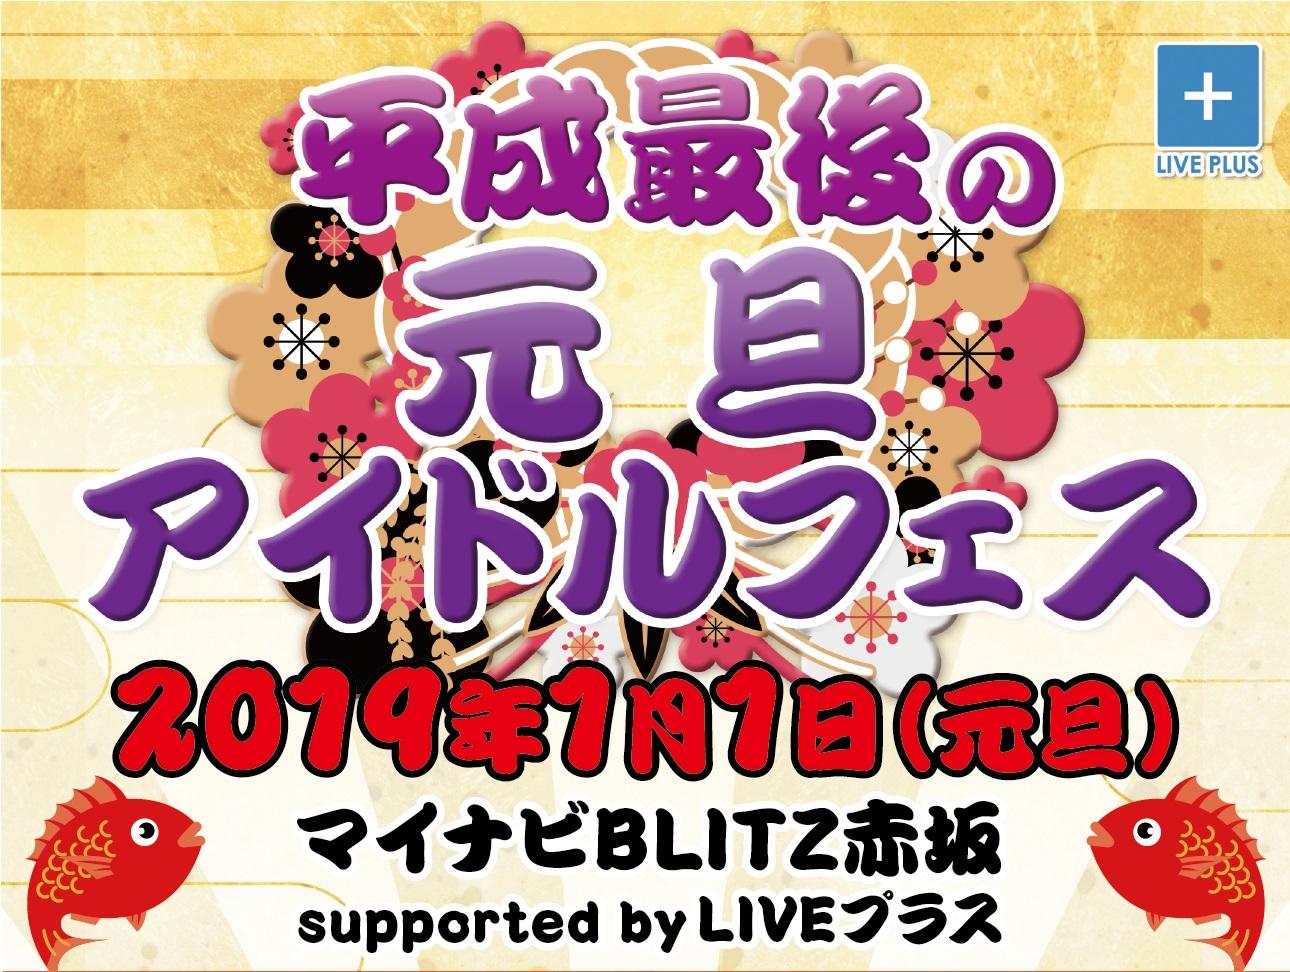 【一般前売り】平成最後の元旦アイドルフェス@マイナビBLITZ赤坂